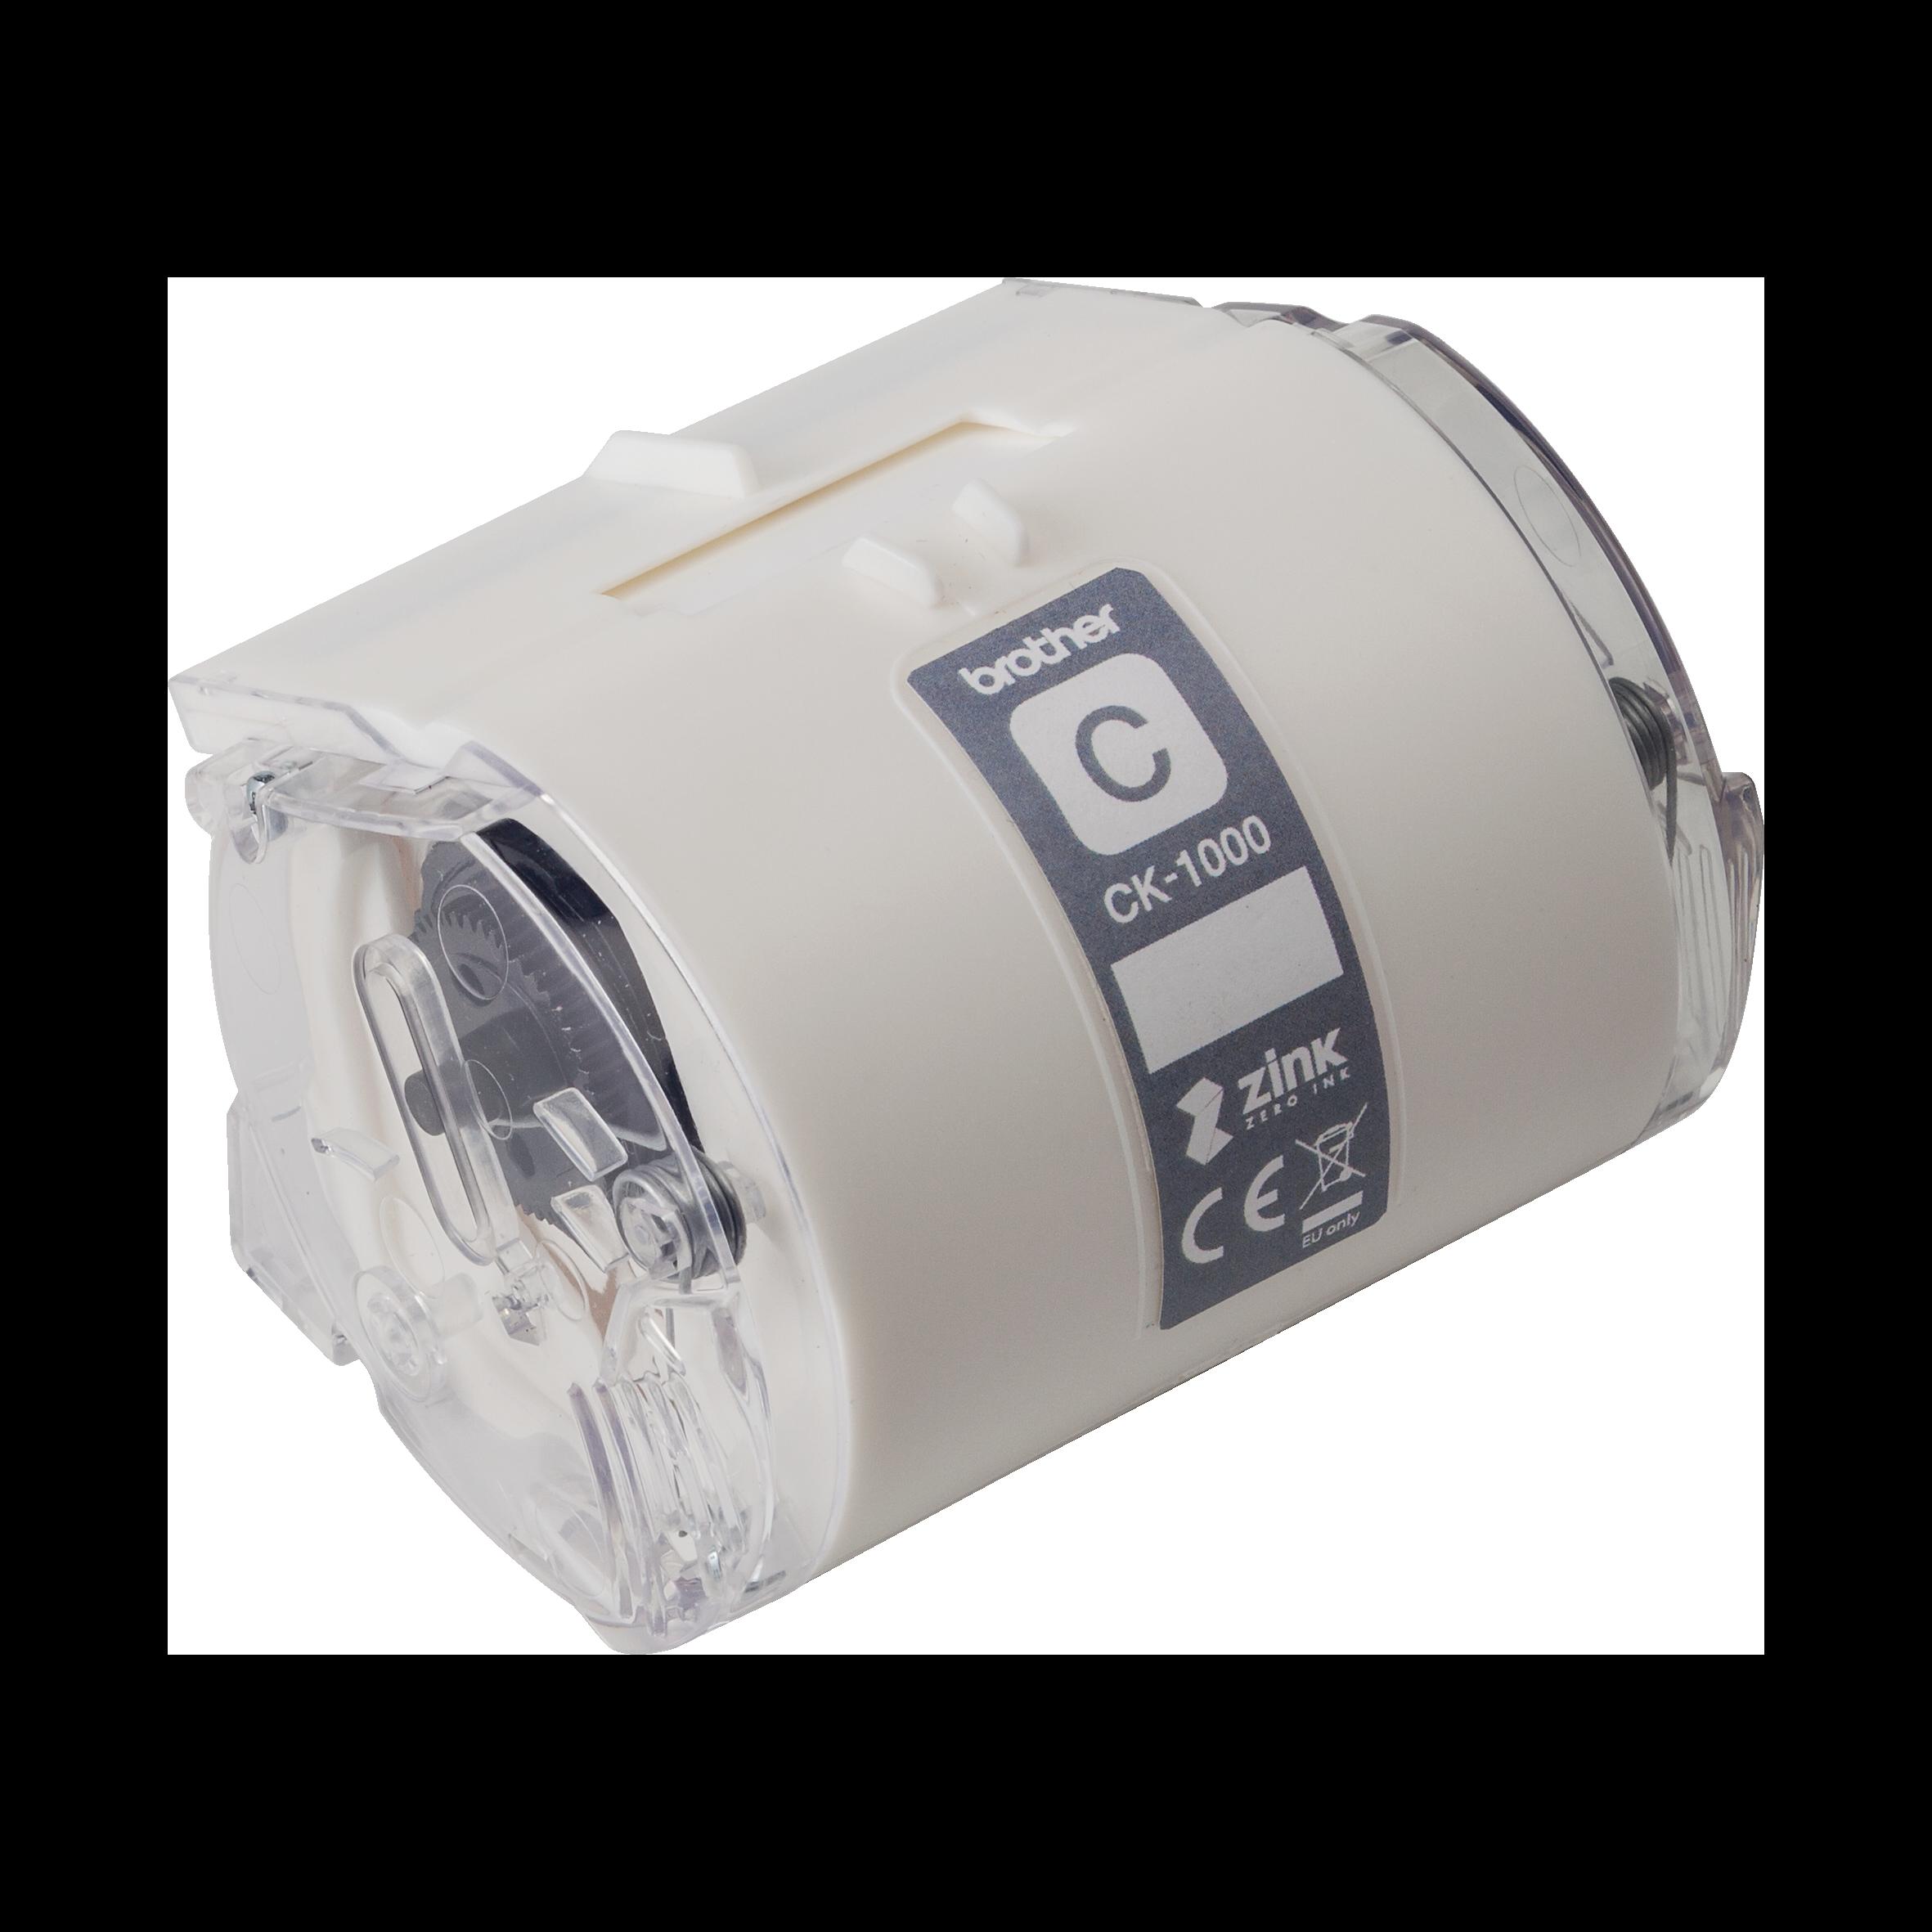 Rolă pentru curățarea capului de imprimare originală Brother CK-1000, 50mm lățime